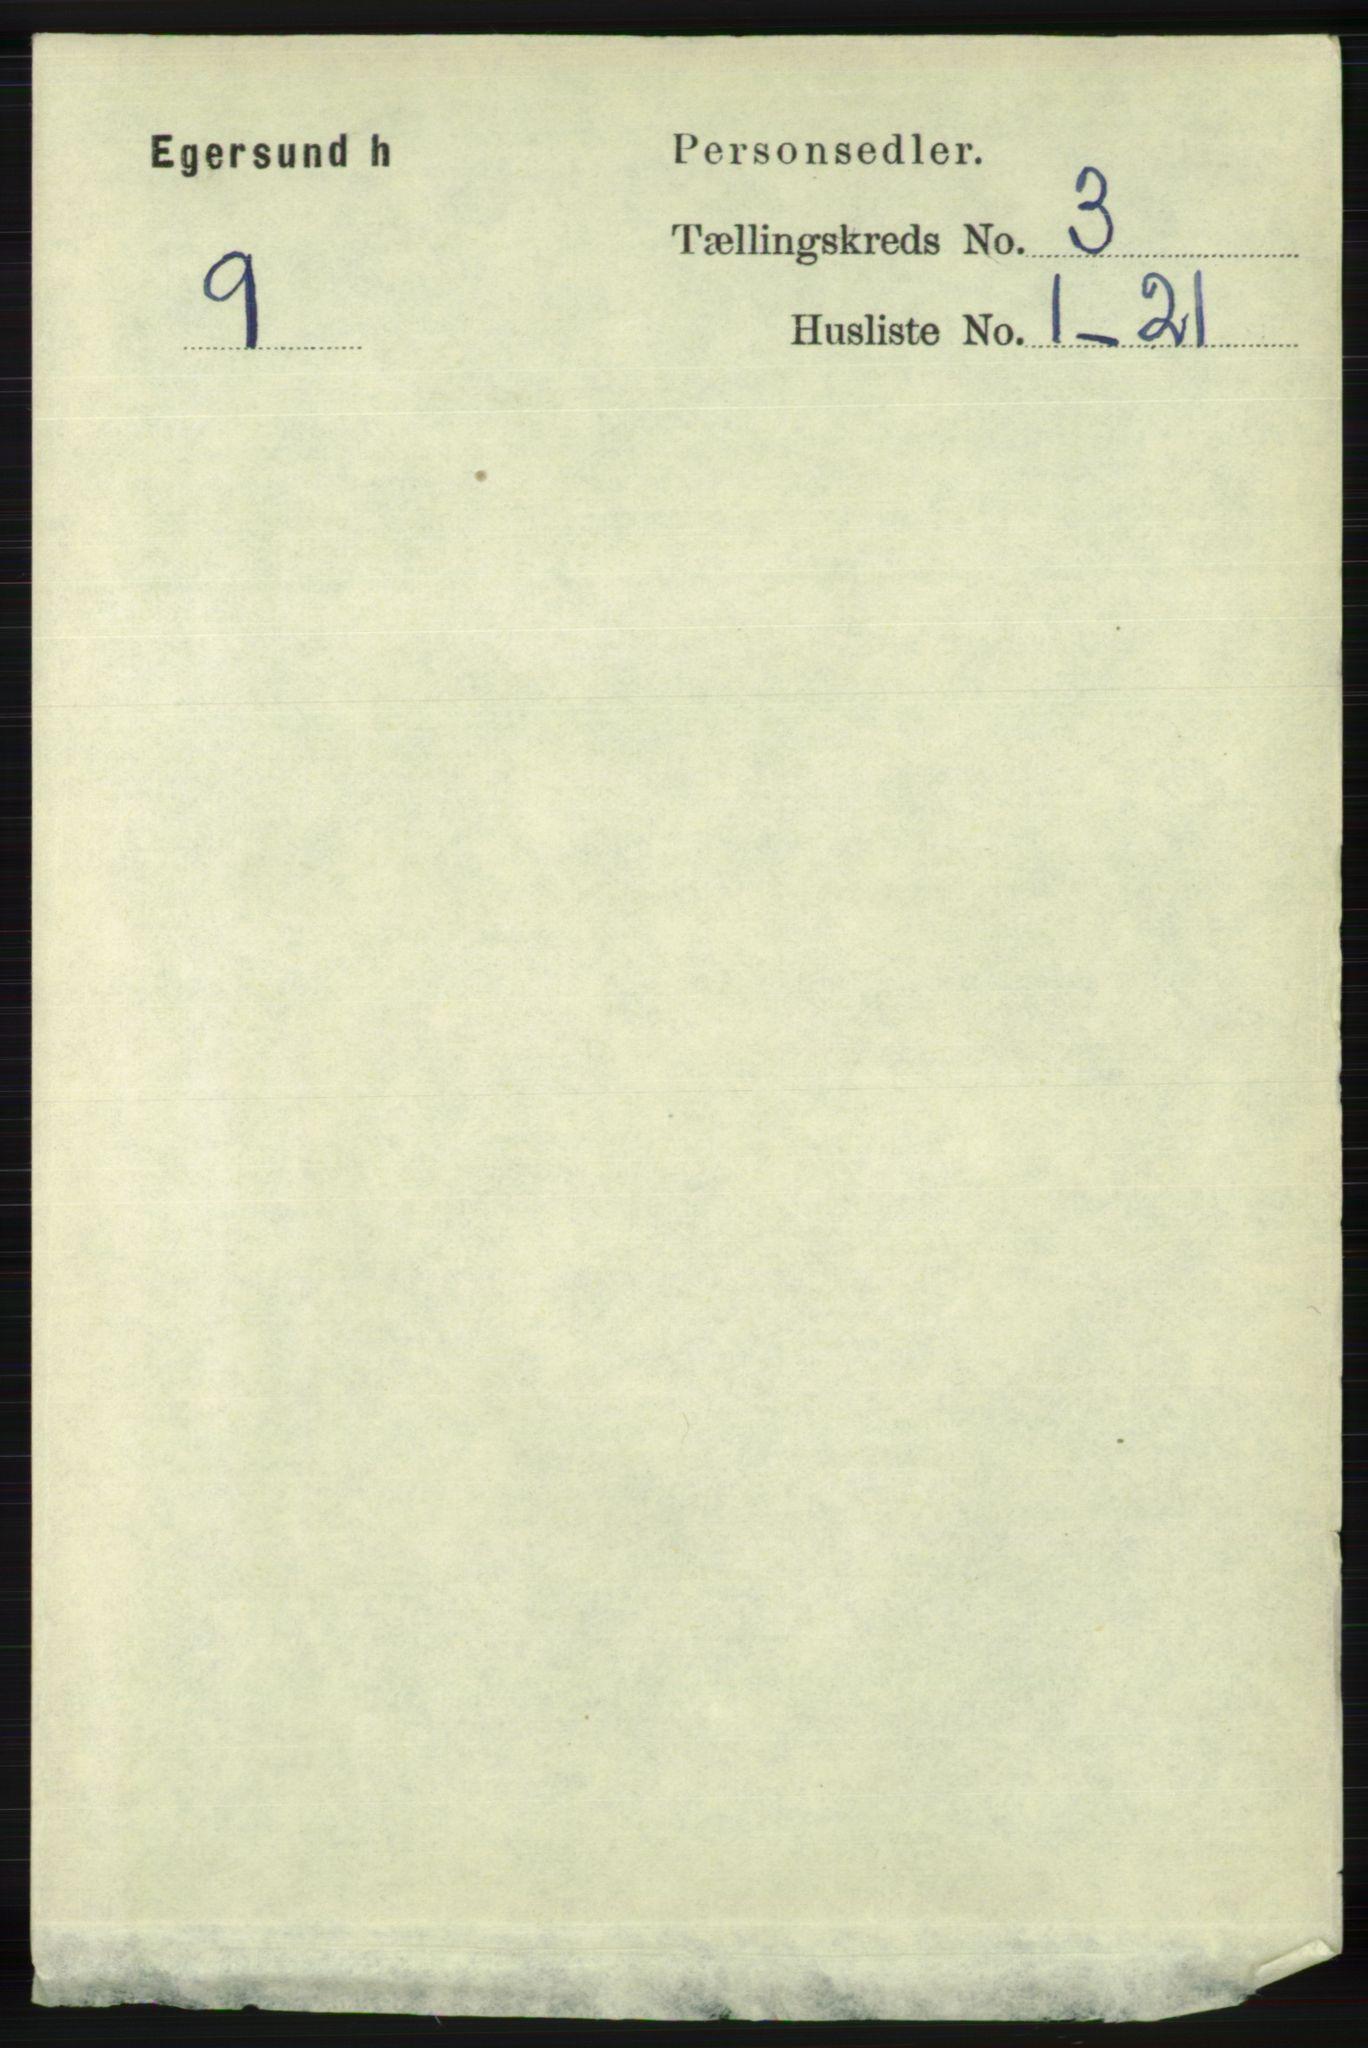 RA, Folketelling 1891 for 1116 Eigersund herred, 1891, s. 1054